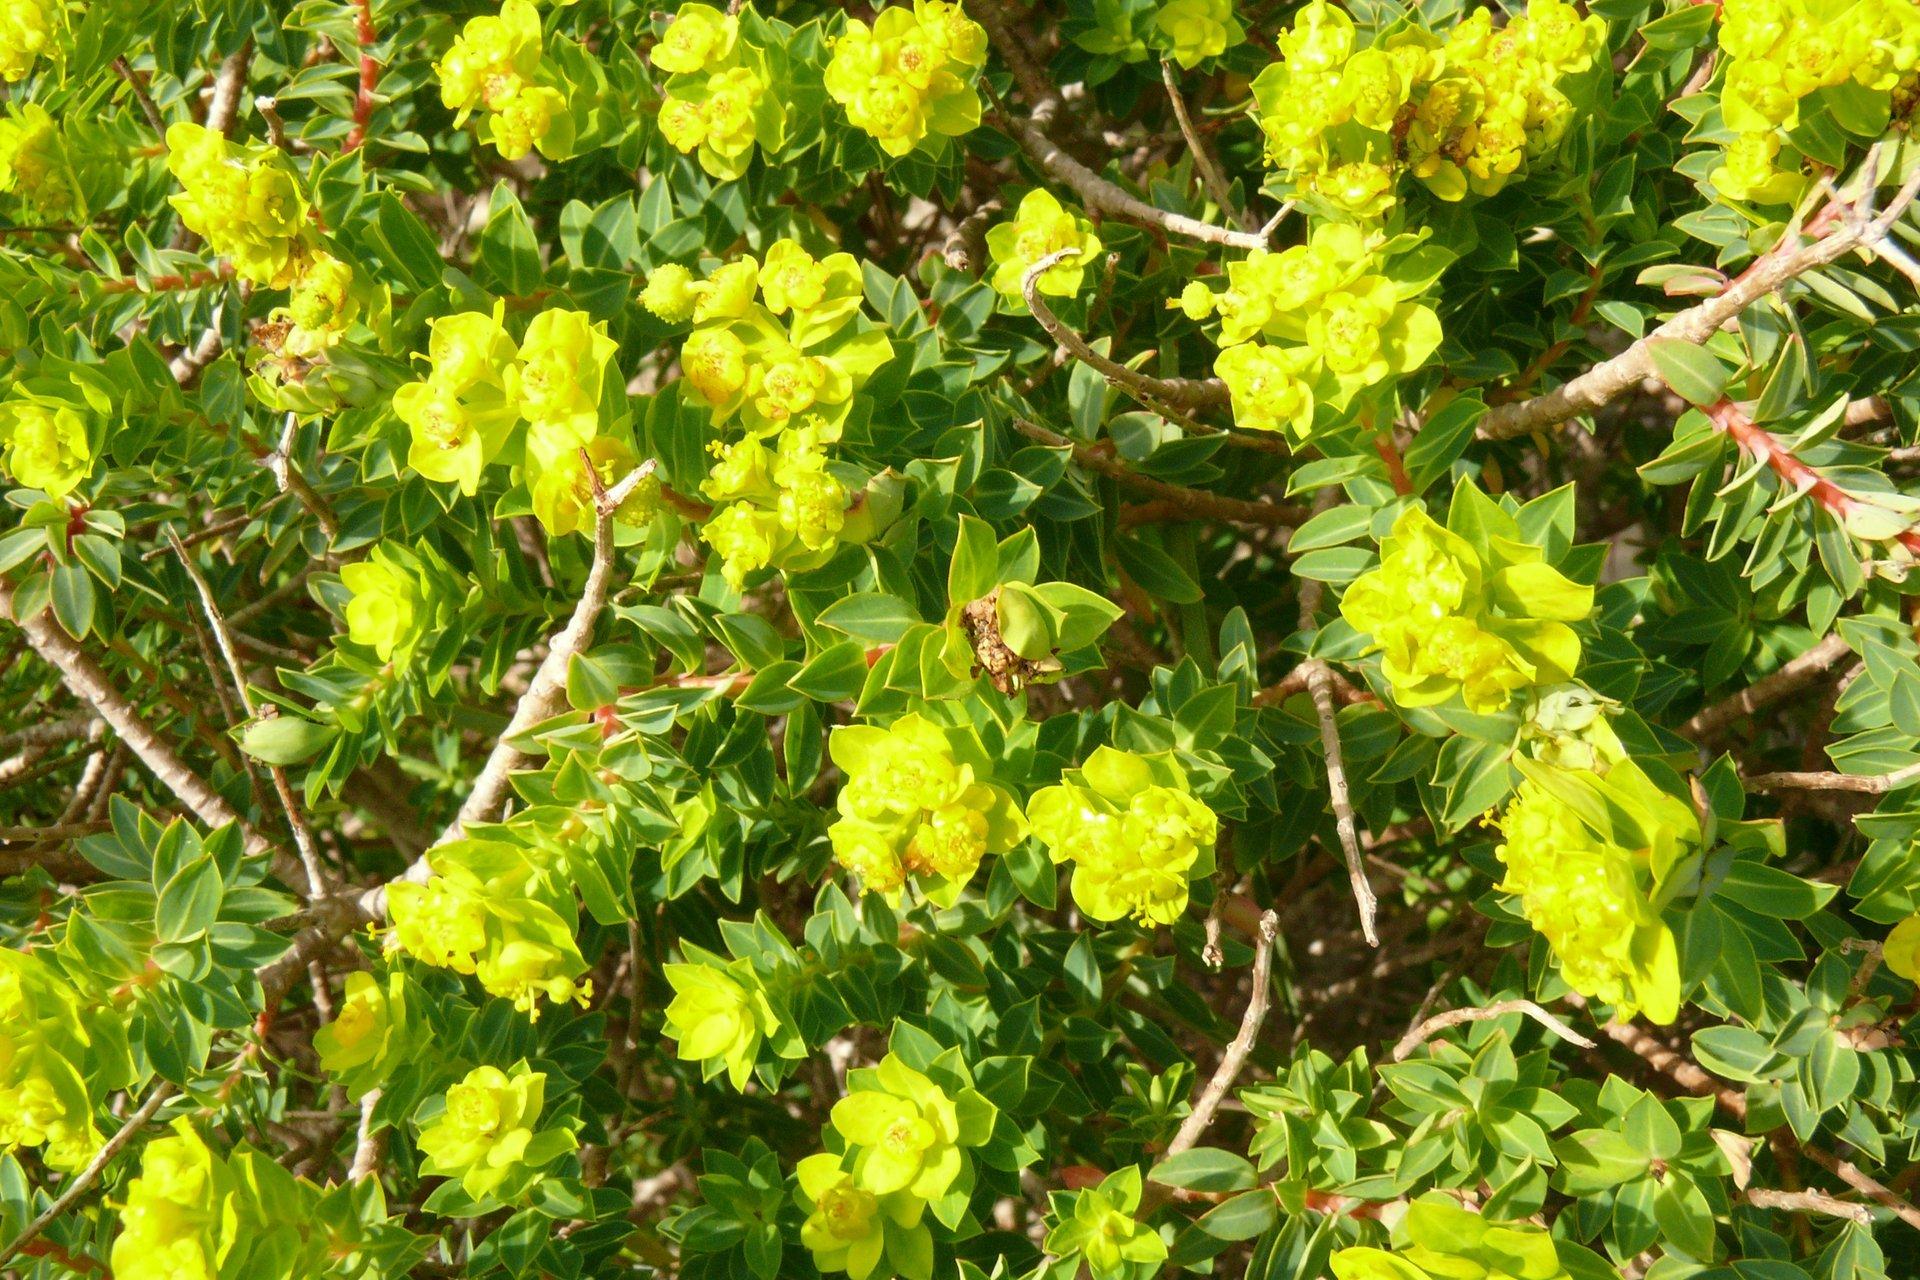 Maltese Spurge Flowering Season in Malta 2020 - Best Time